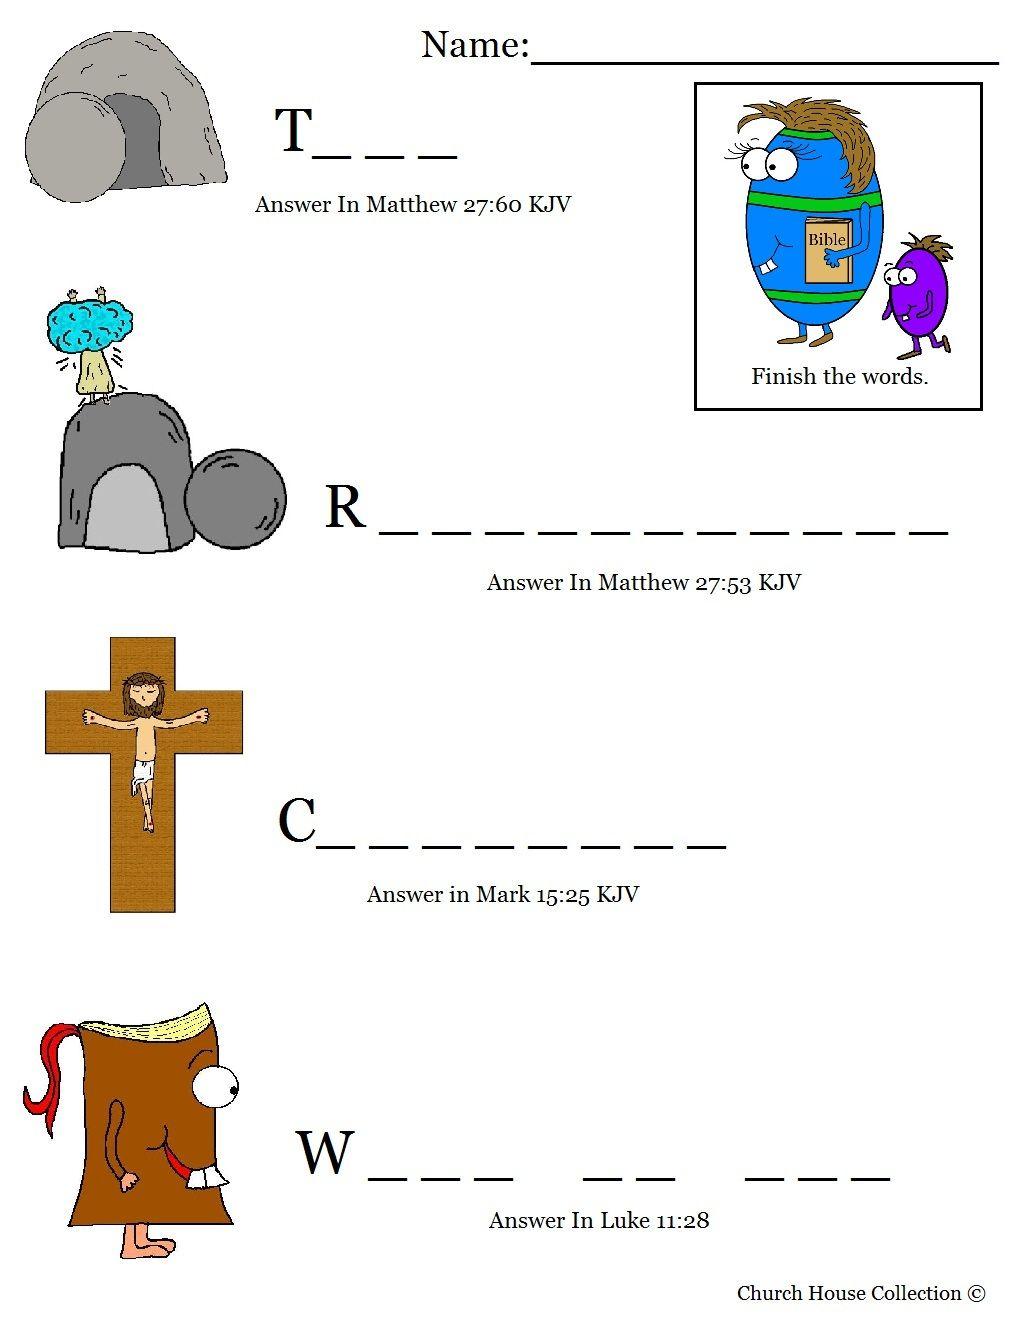 Easter Egg With Fill In The Blanks Worksheet For Sunday School Jpg